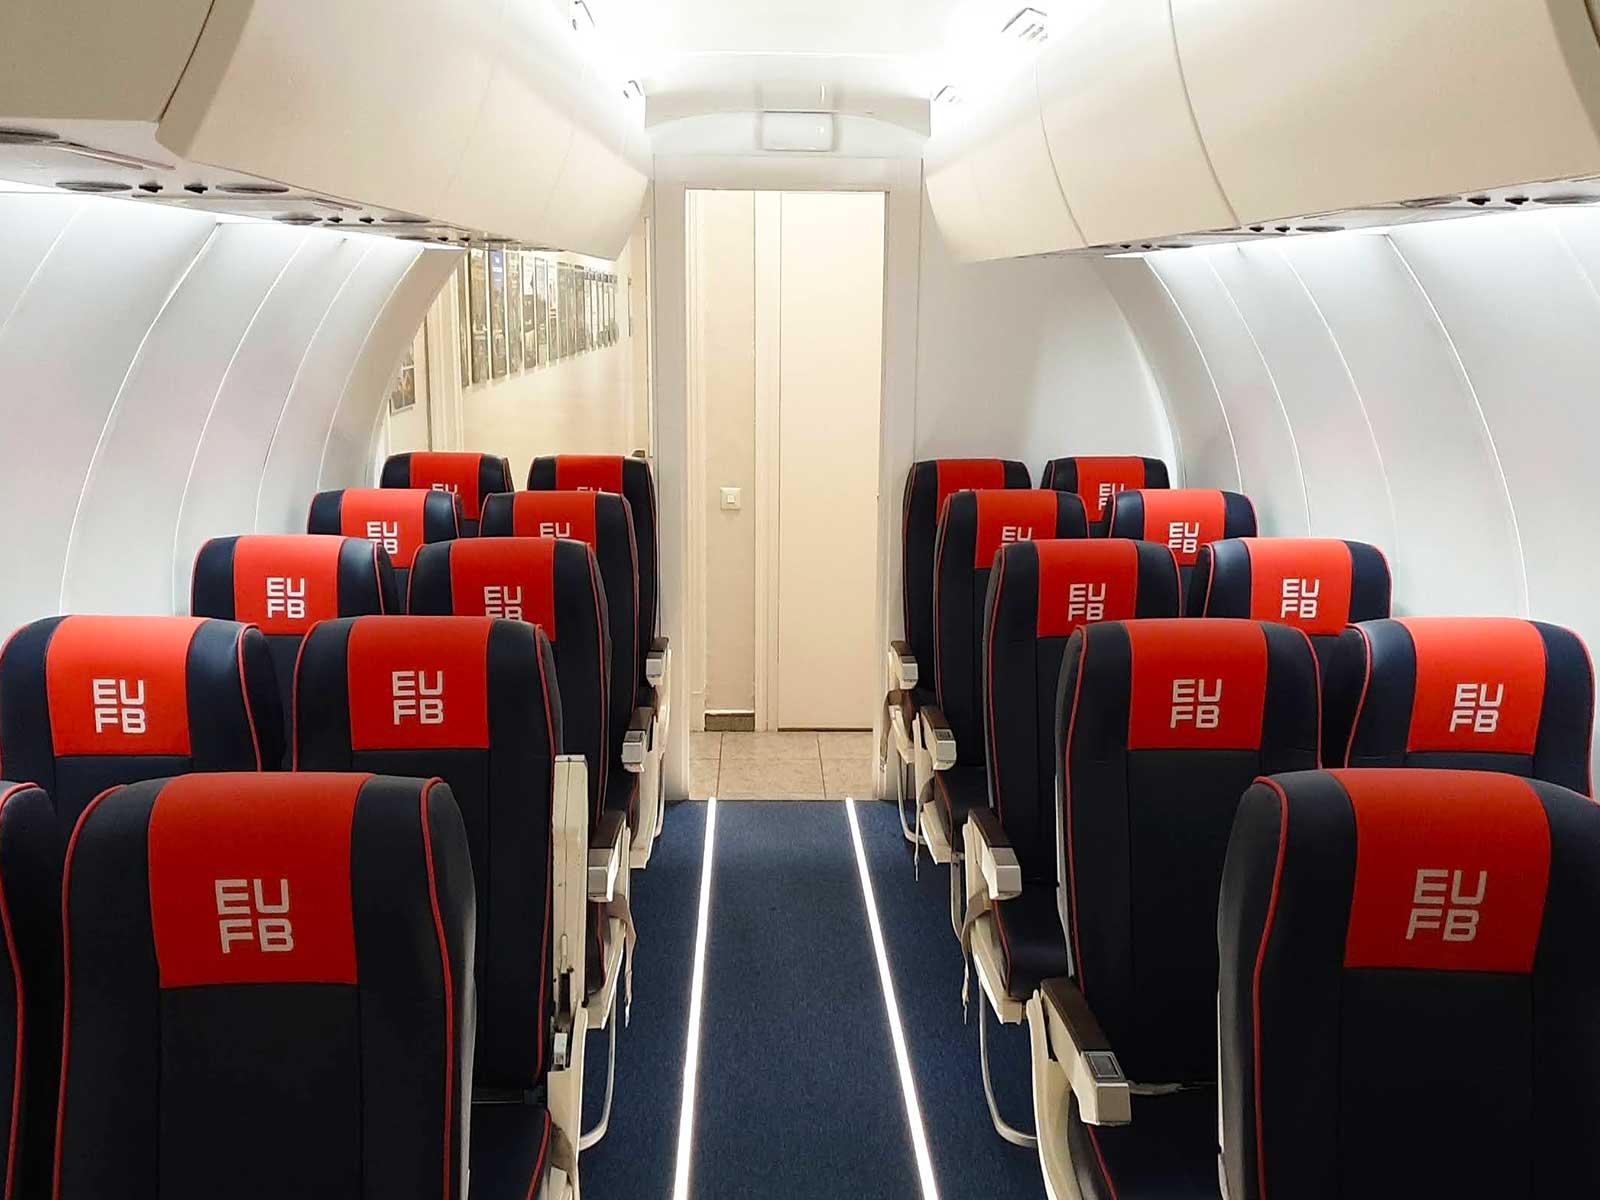 ¿Qué necesitas para convertirte en tripulante de cabina de vuelo? | Escuela Universitaria Formatic Barcelona